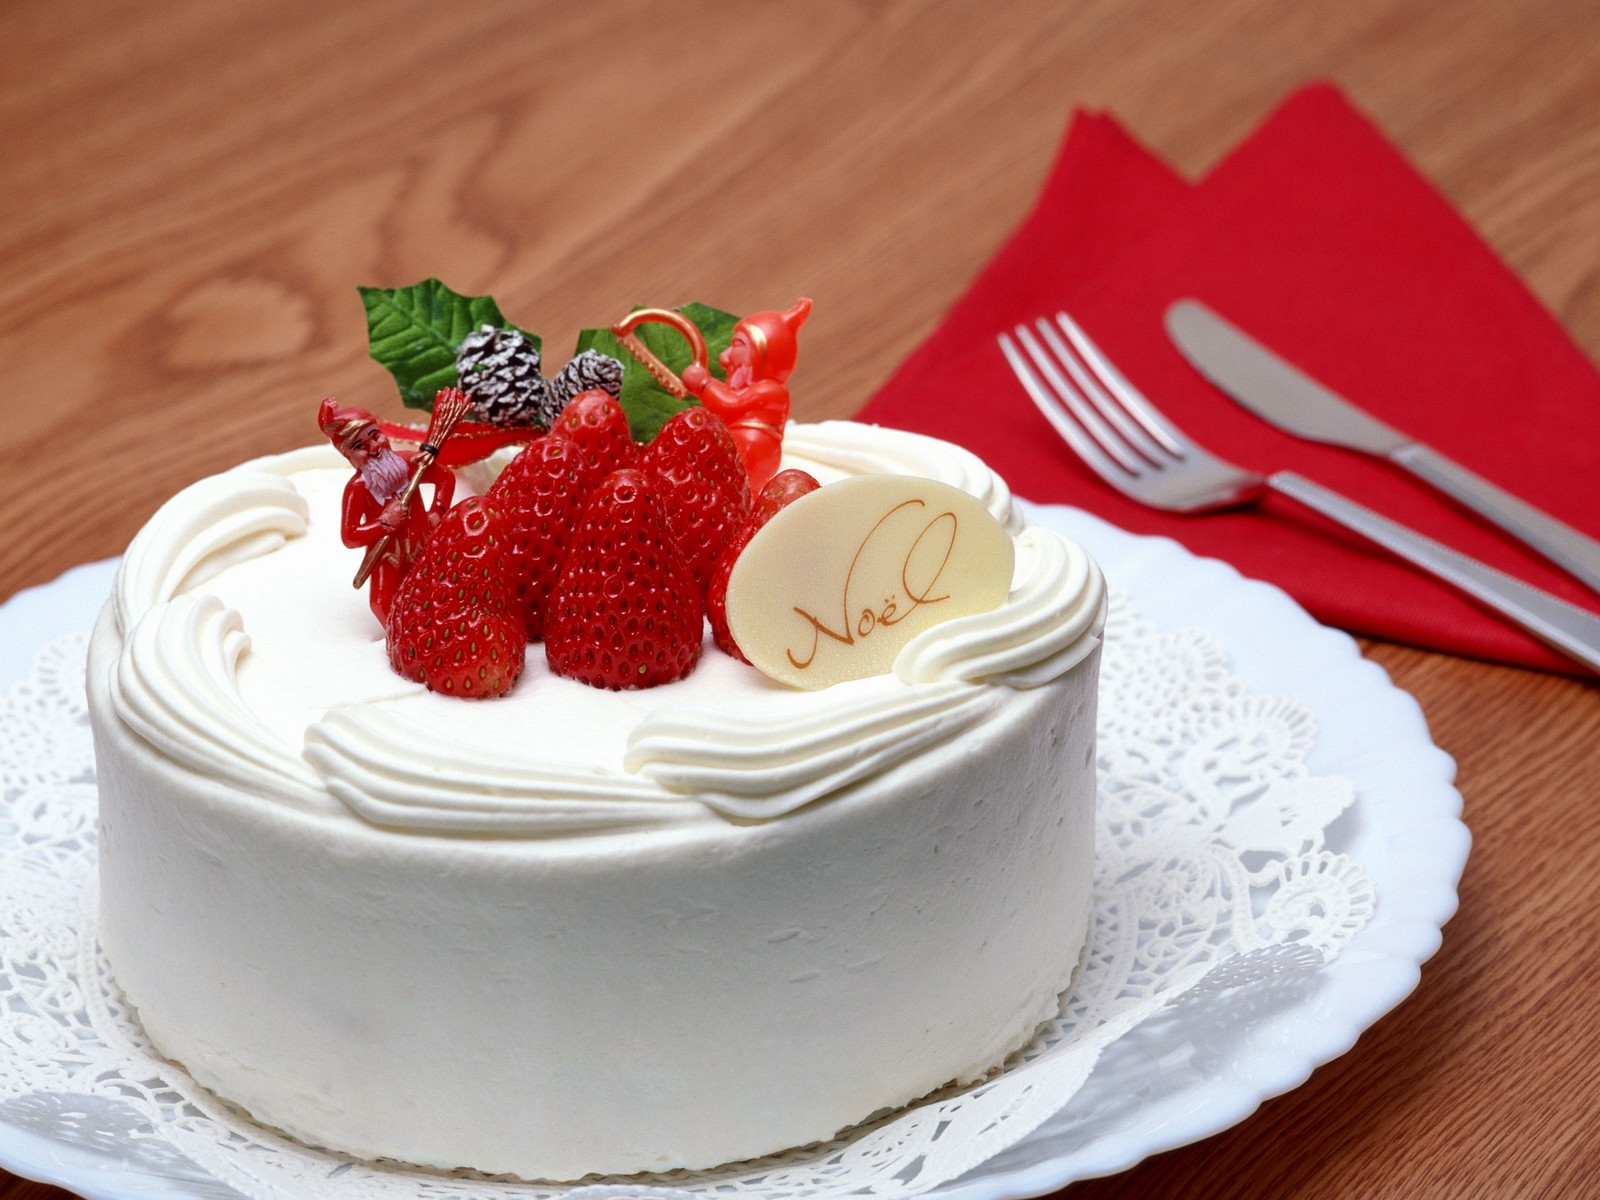 http://3.bp.blogspot.com/-cXCiQdkKElM/UNPtTBYXmjI/AAAAAAAAJHY/dfz7YTh7Obk/s1600/Noel-Christmas-Cake-276809.jpeg